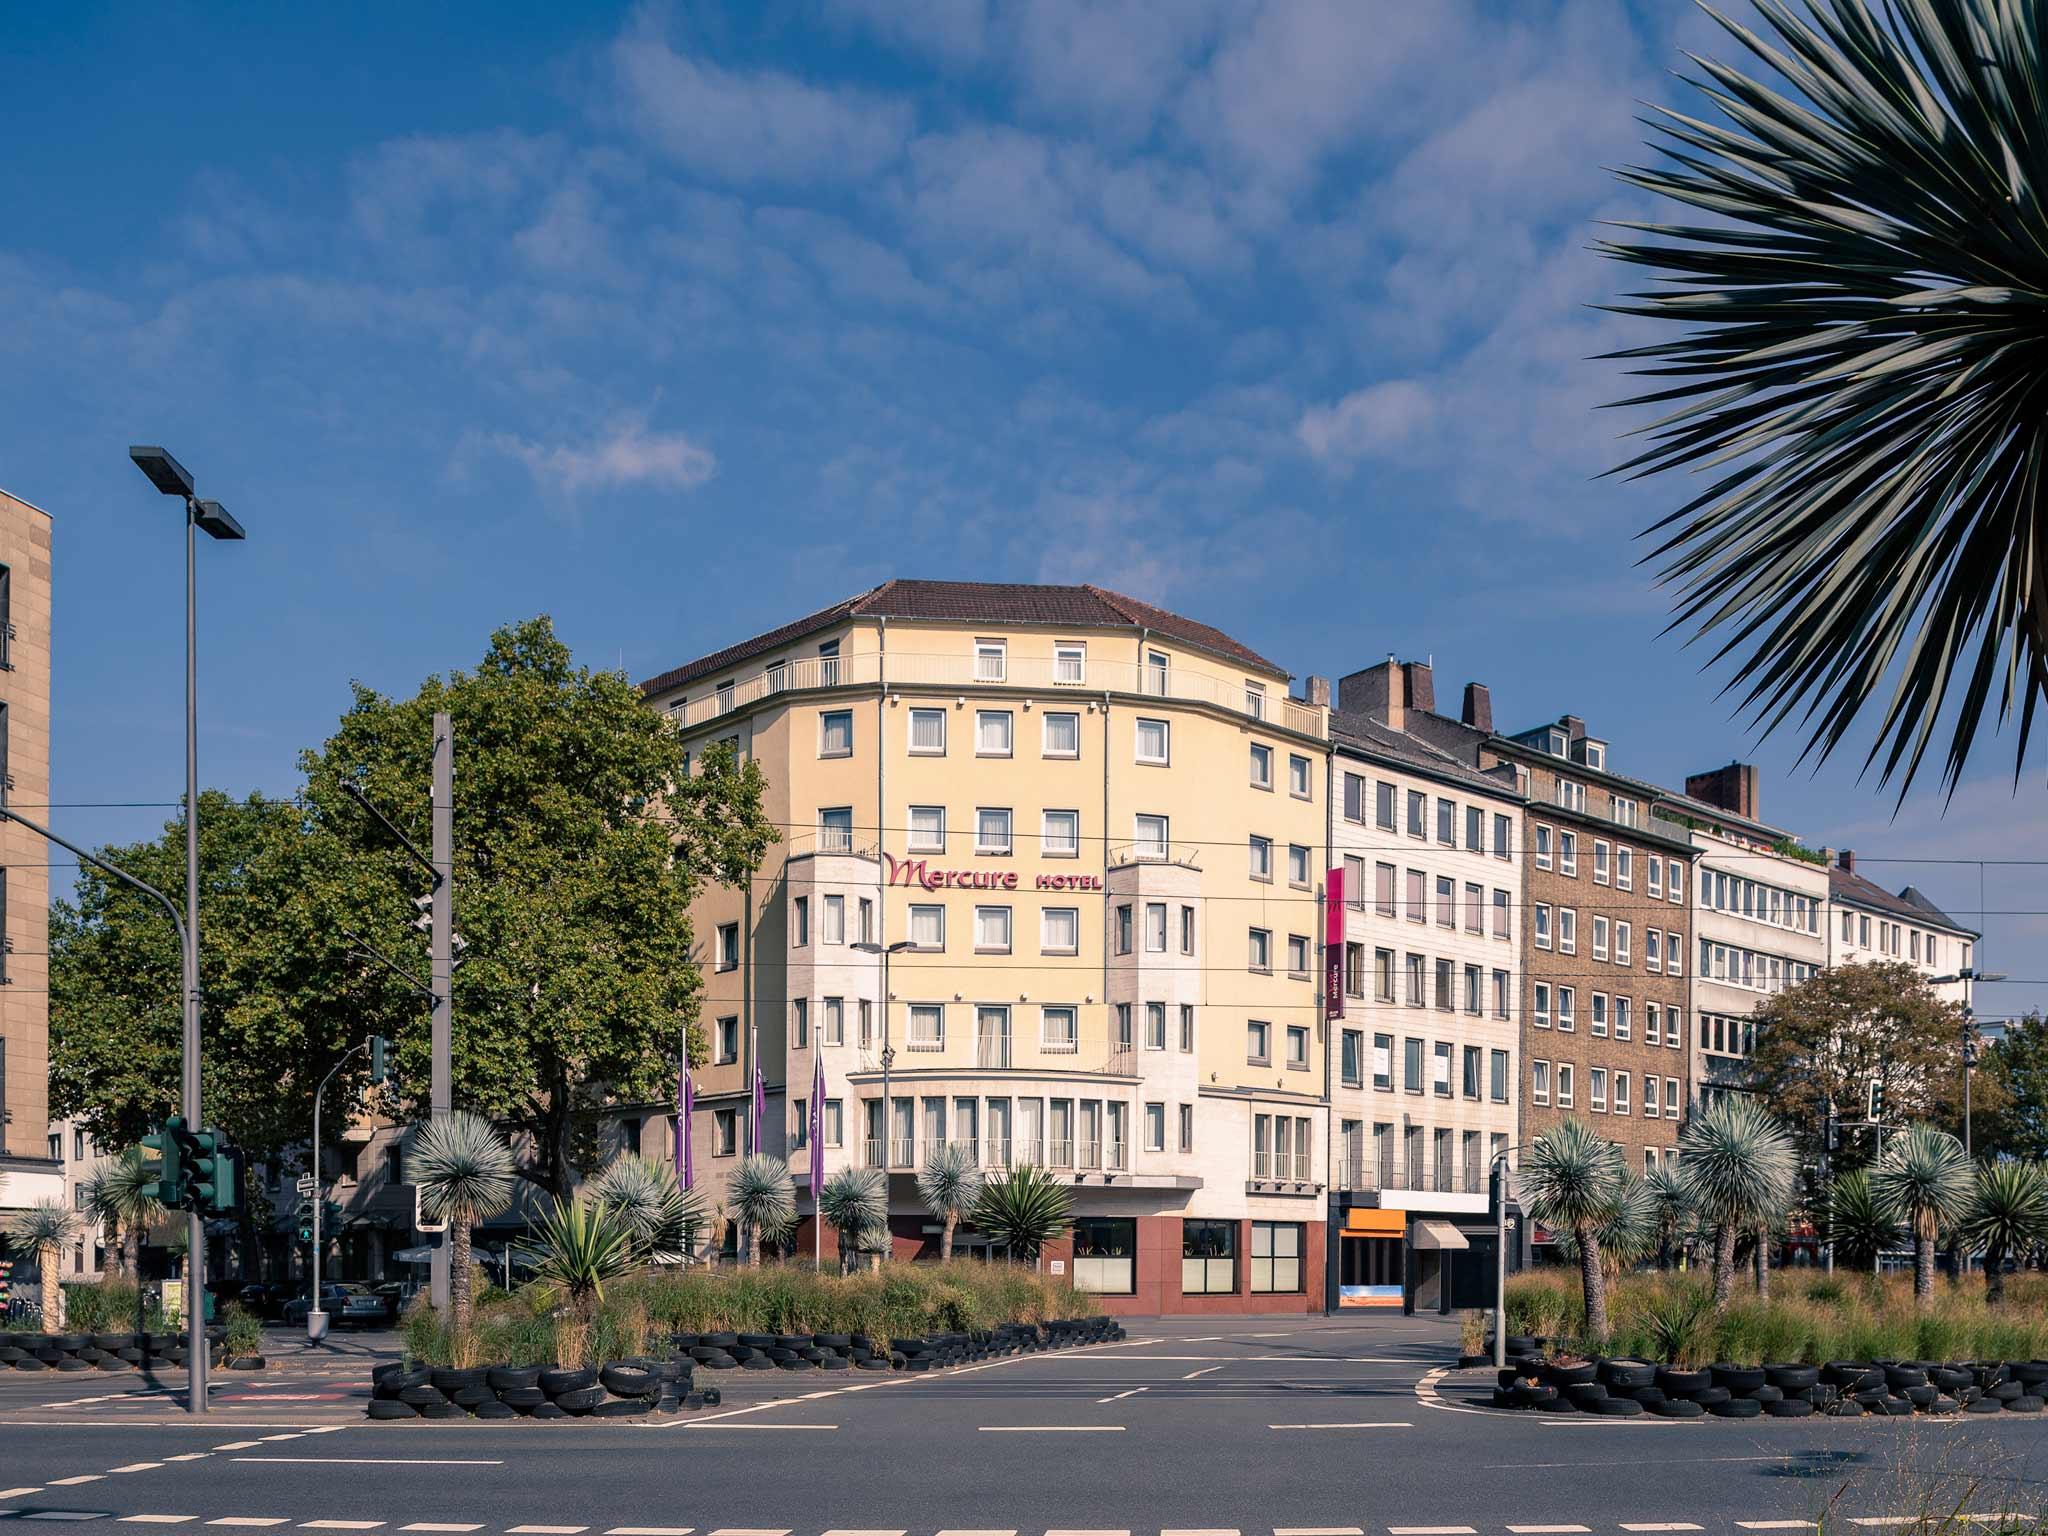 酒店 – 杜塞尔多夫市中心美居酒店